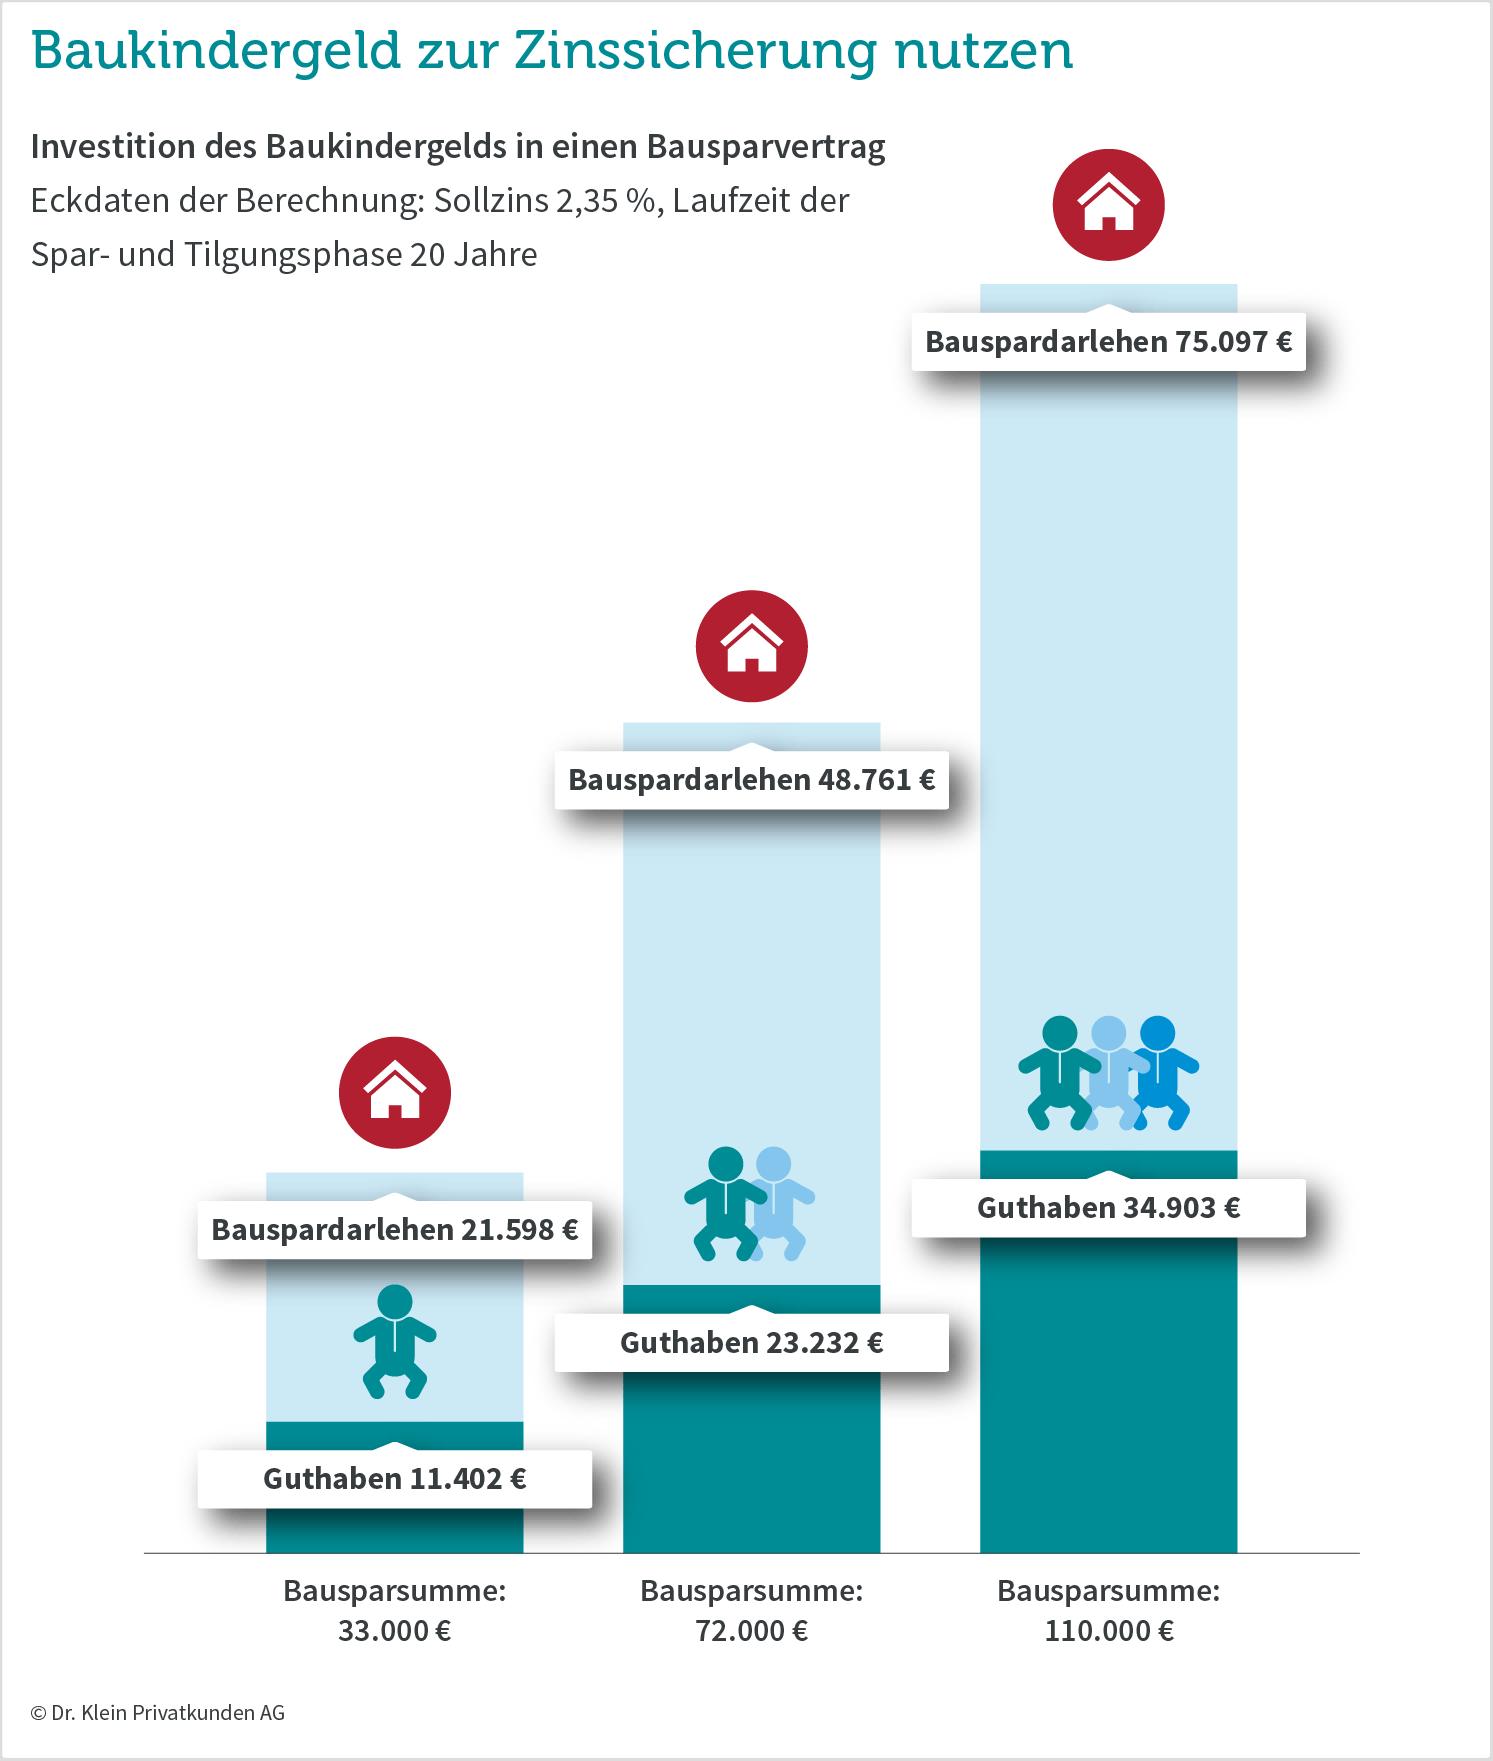 Grafik: Baukindergeld in einen Bausparvertrag investieren